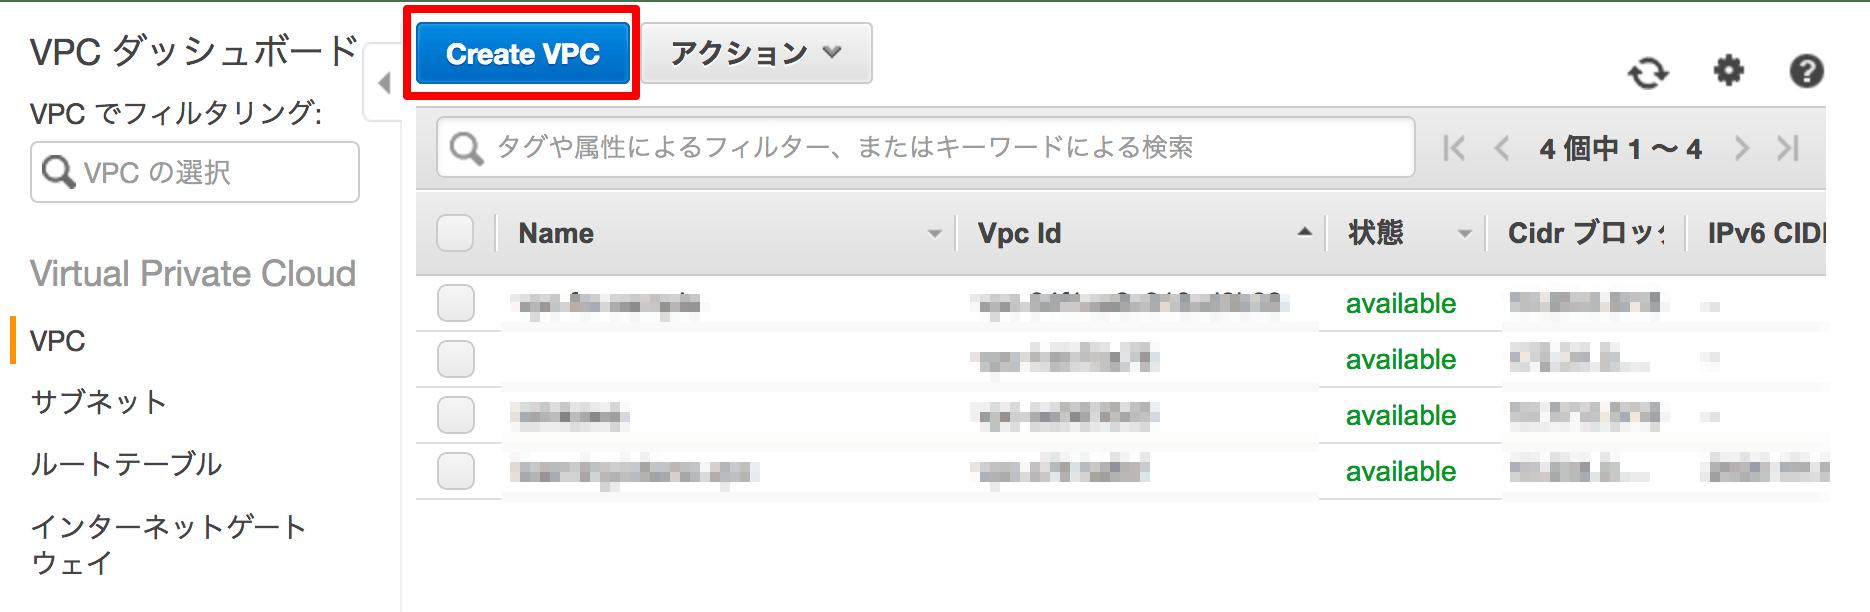 vpcs   VPC Management Console_2018-12-11_19-47-07.png